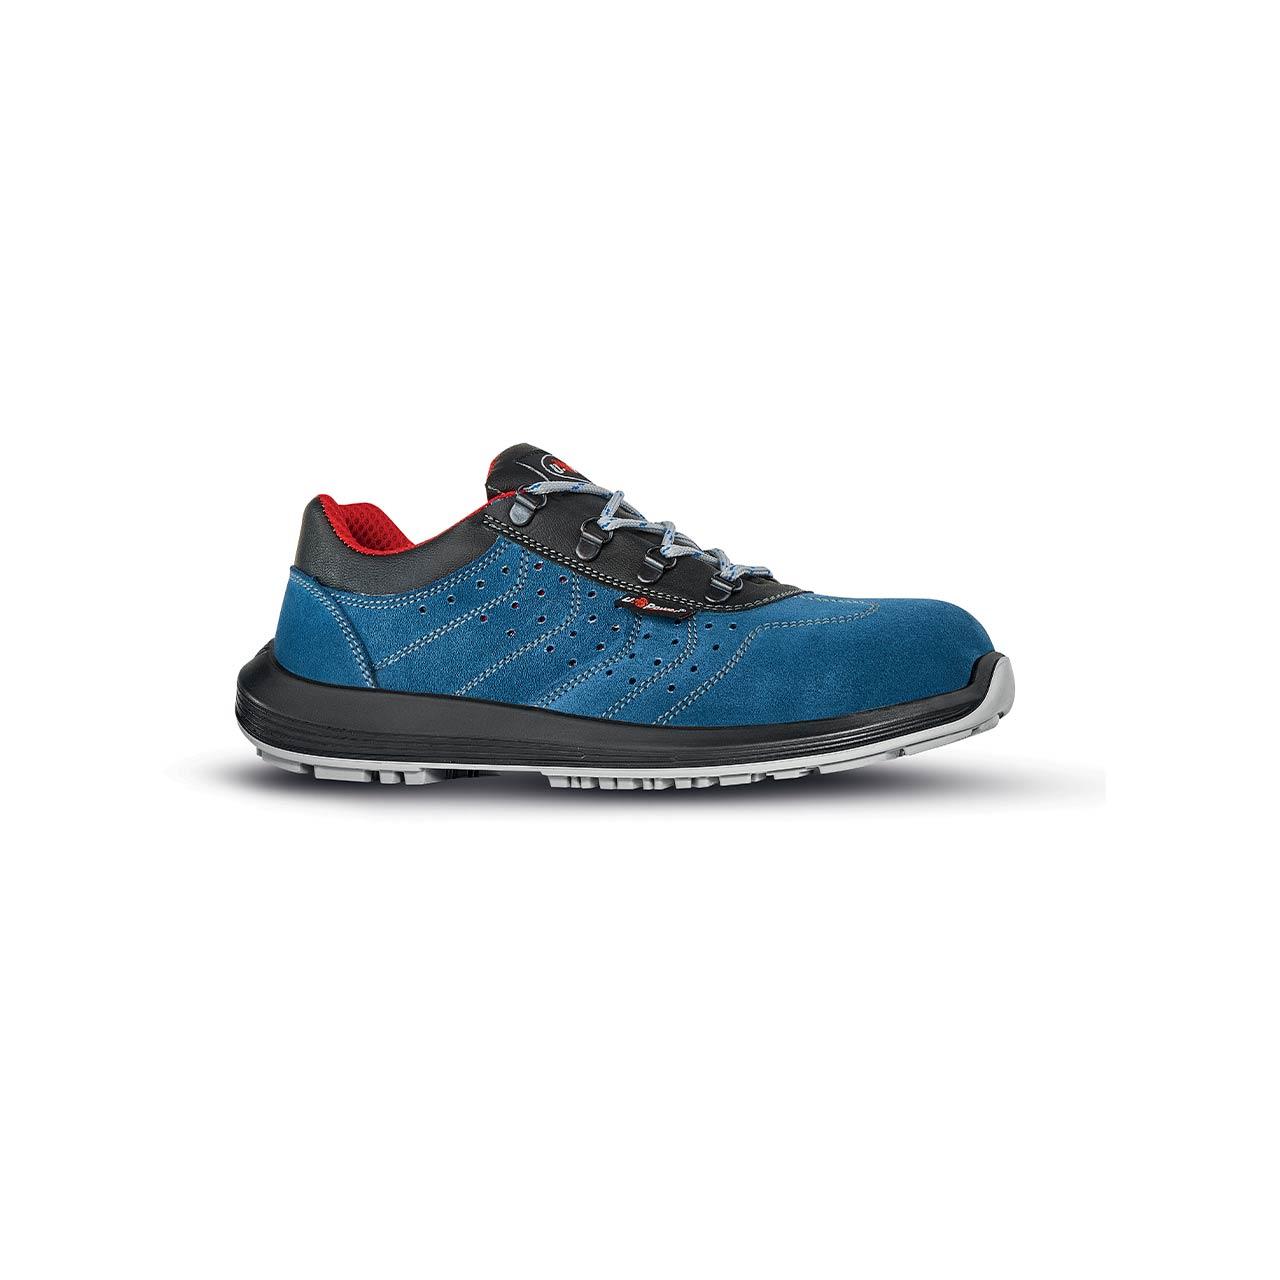 scarpa antinfortunistica upower modello curtiss linea stepone vista laterale